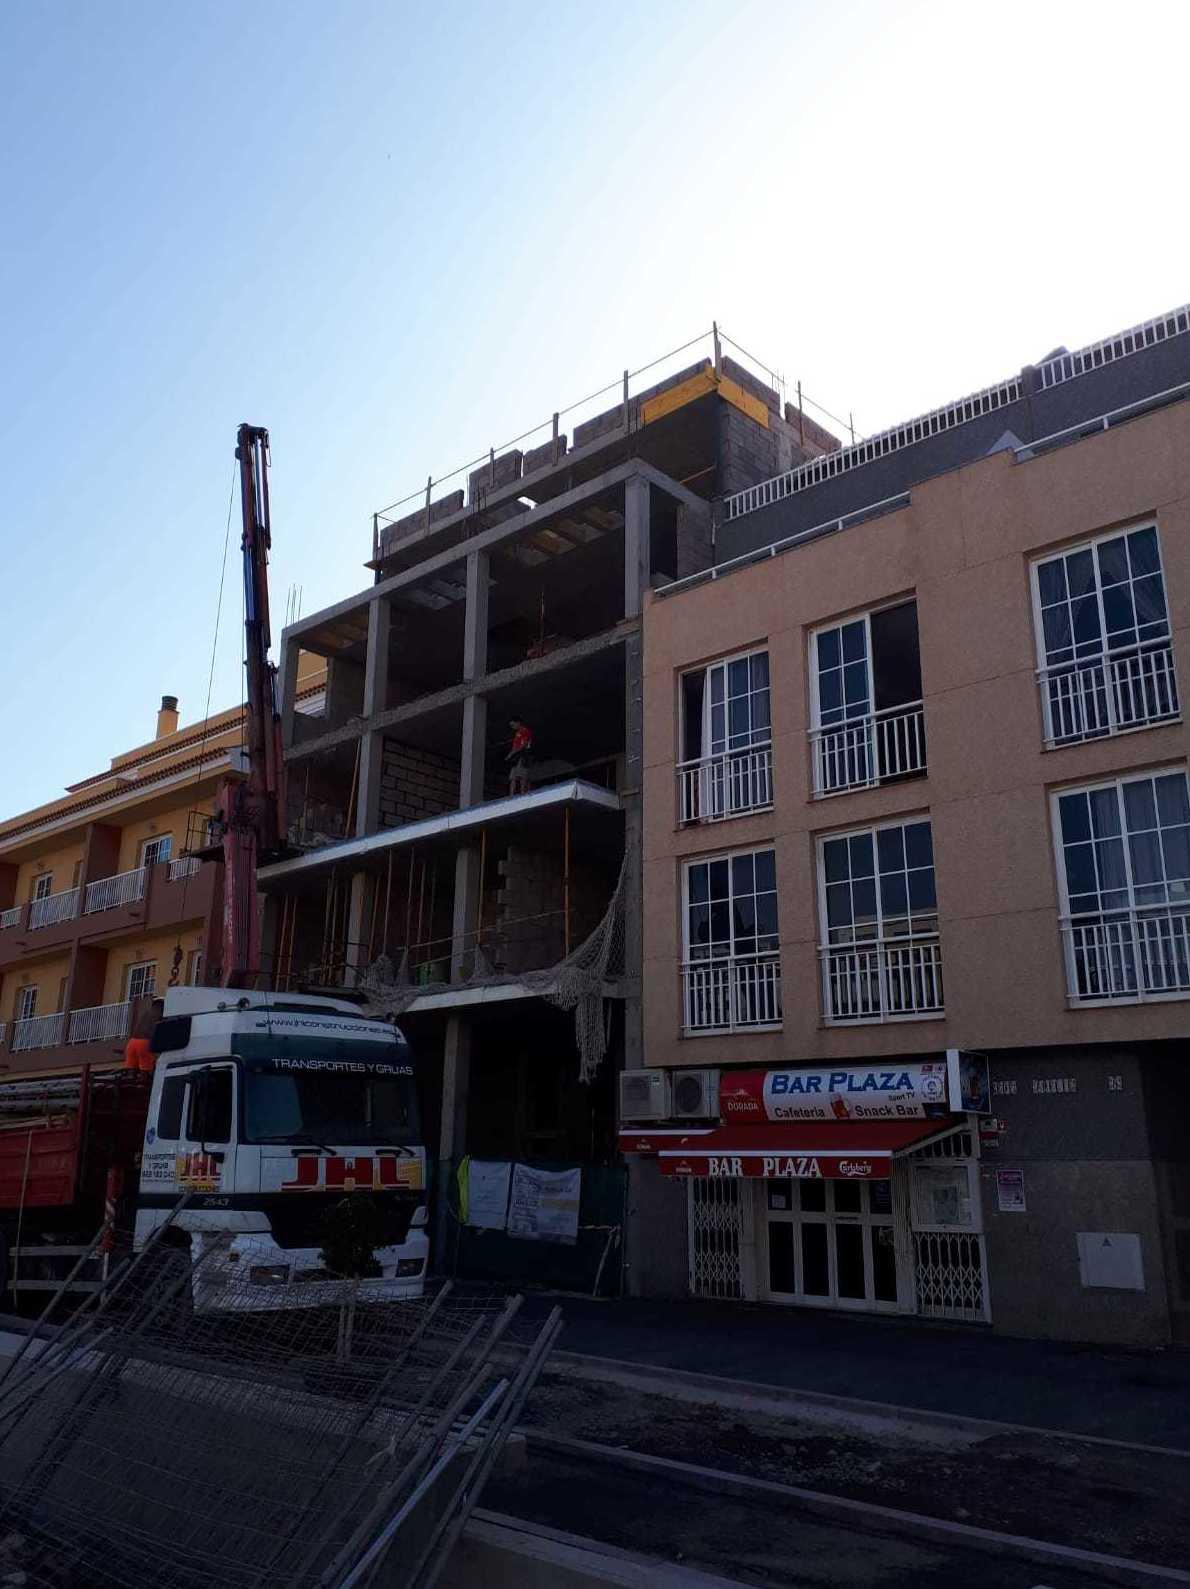 Proceso de construcción Obra Puerto de Santiago JHL Construcciones